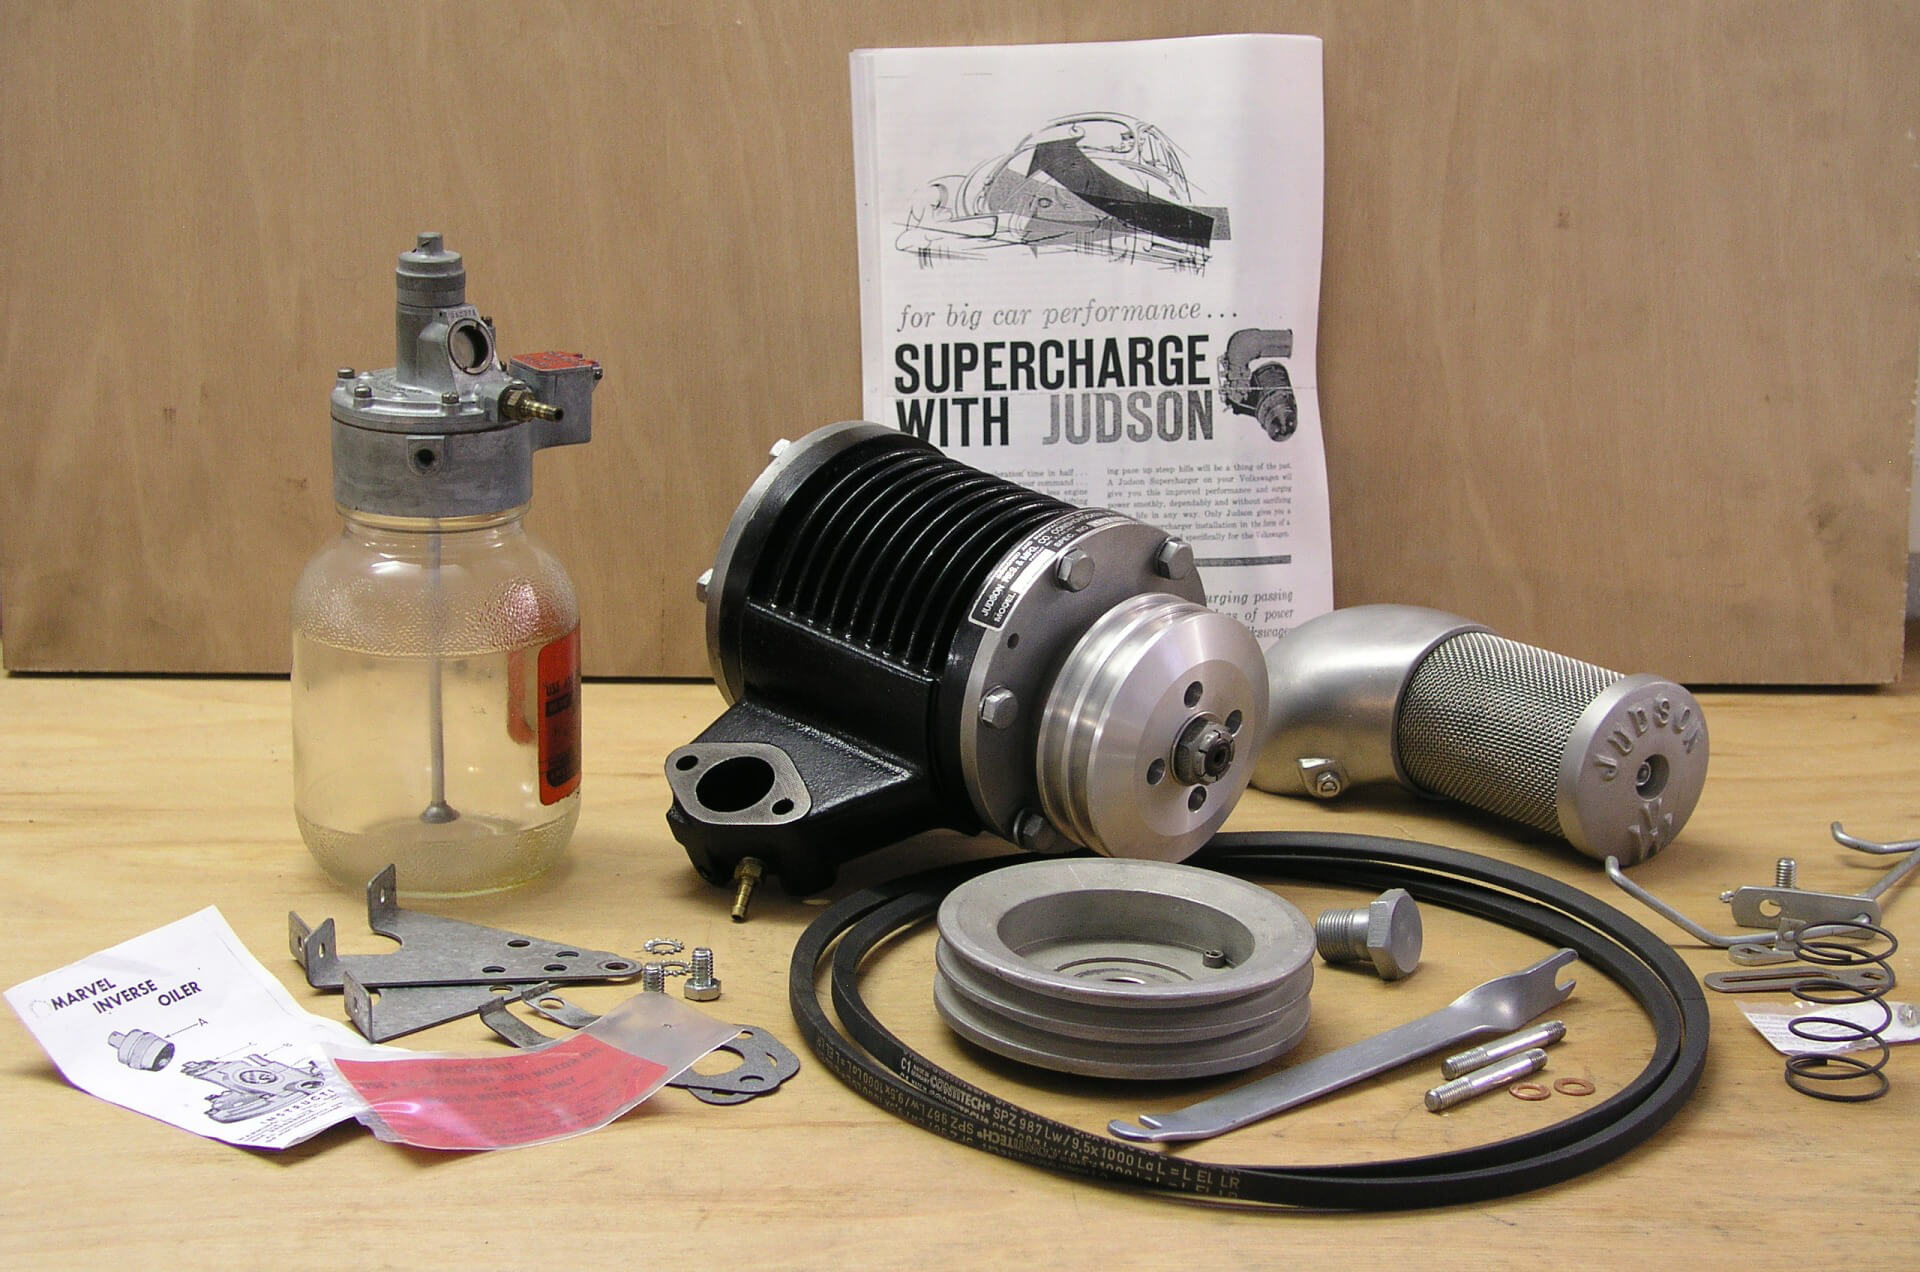 judson-kompressor